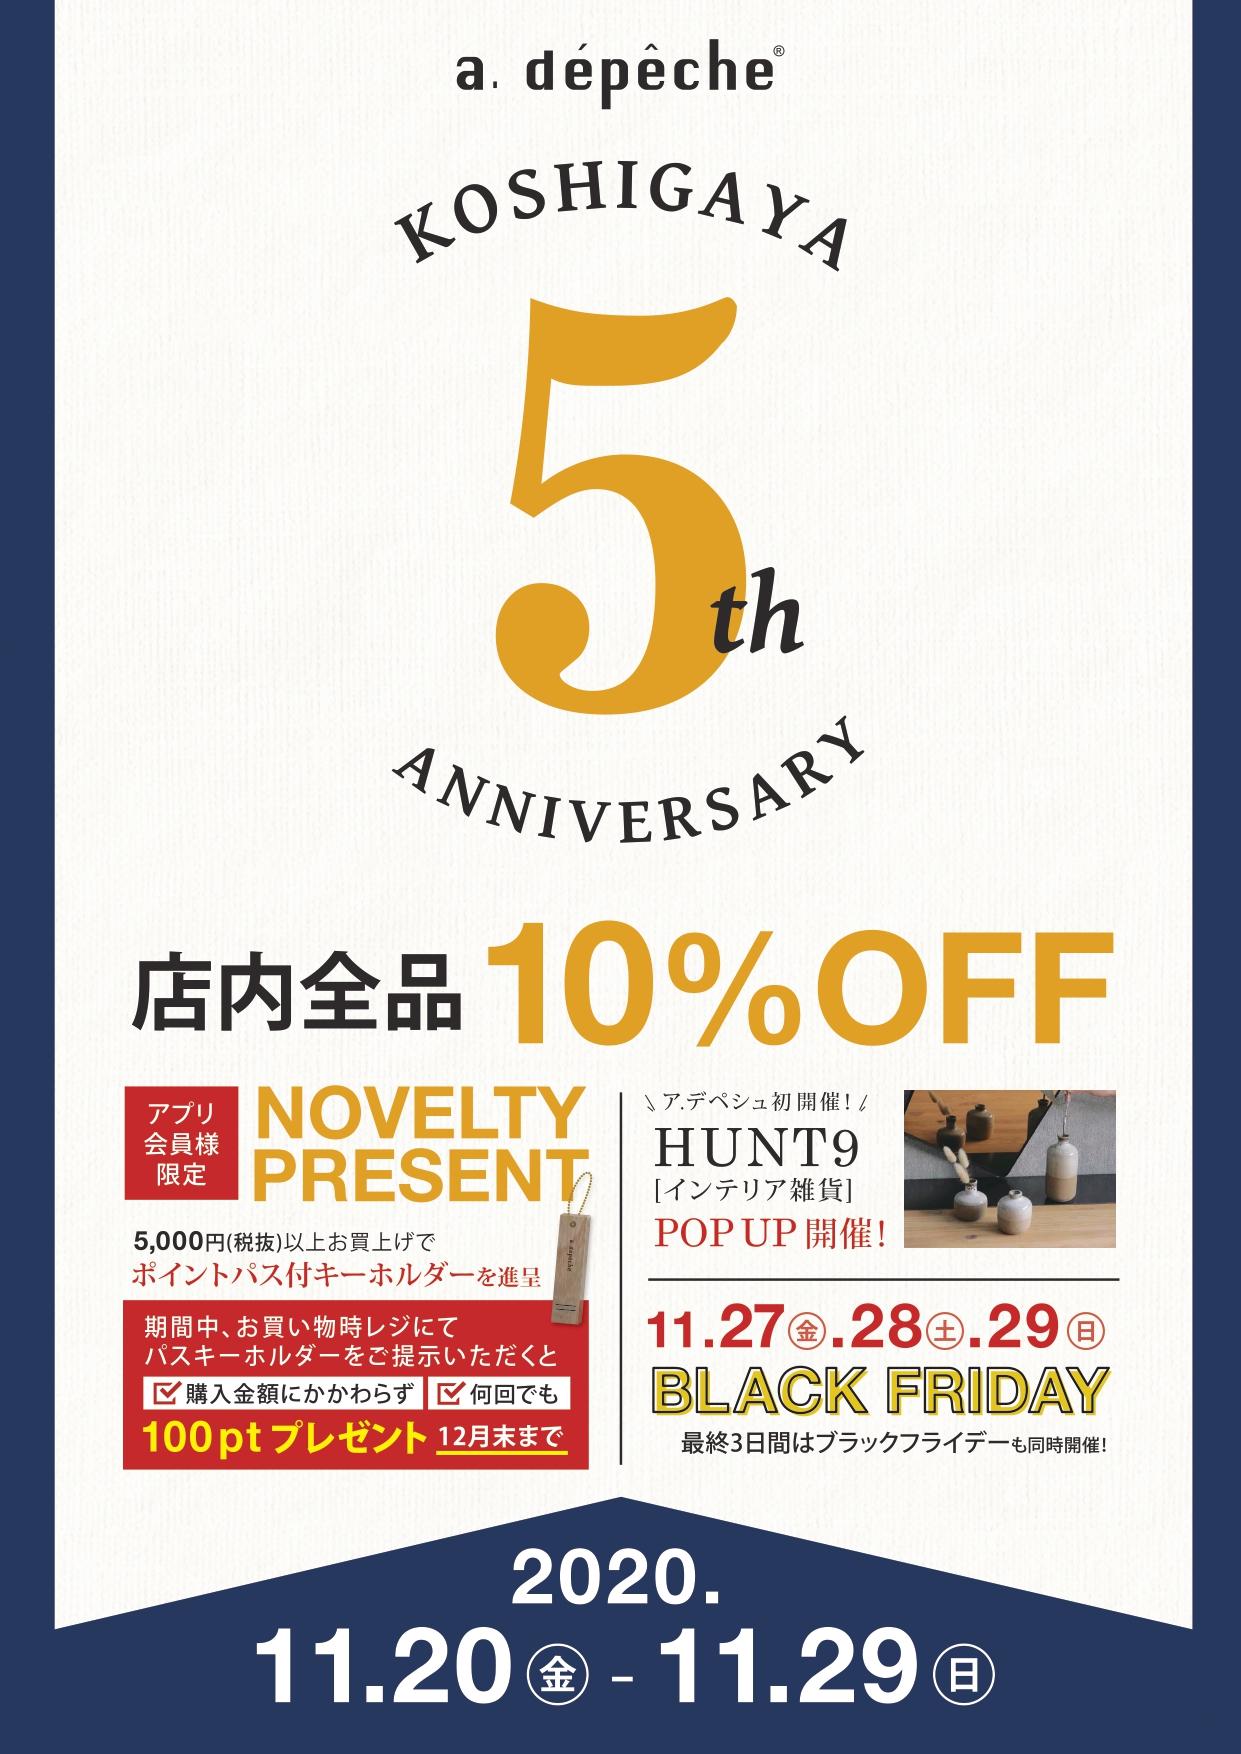 【a.depeche越谷店】5周年祭いよいよスタート!